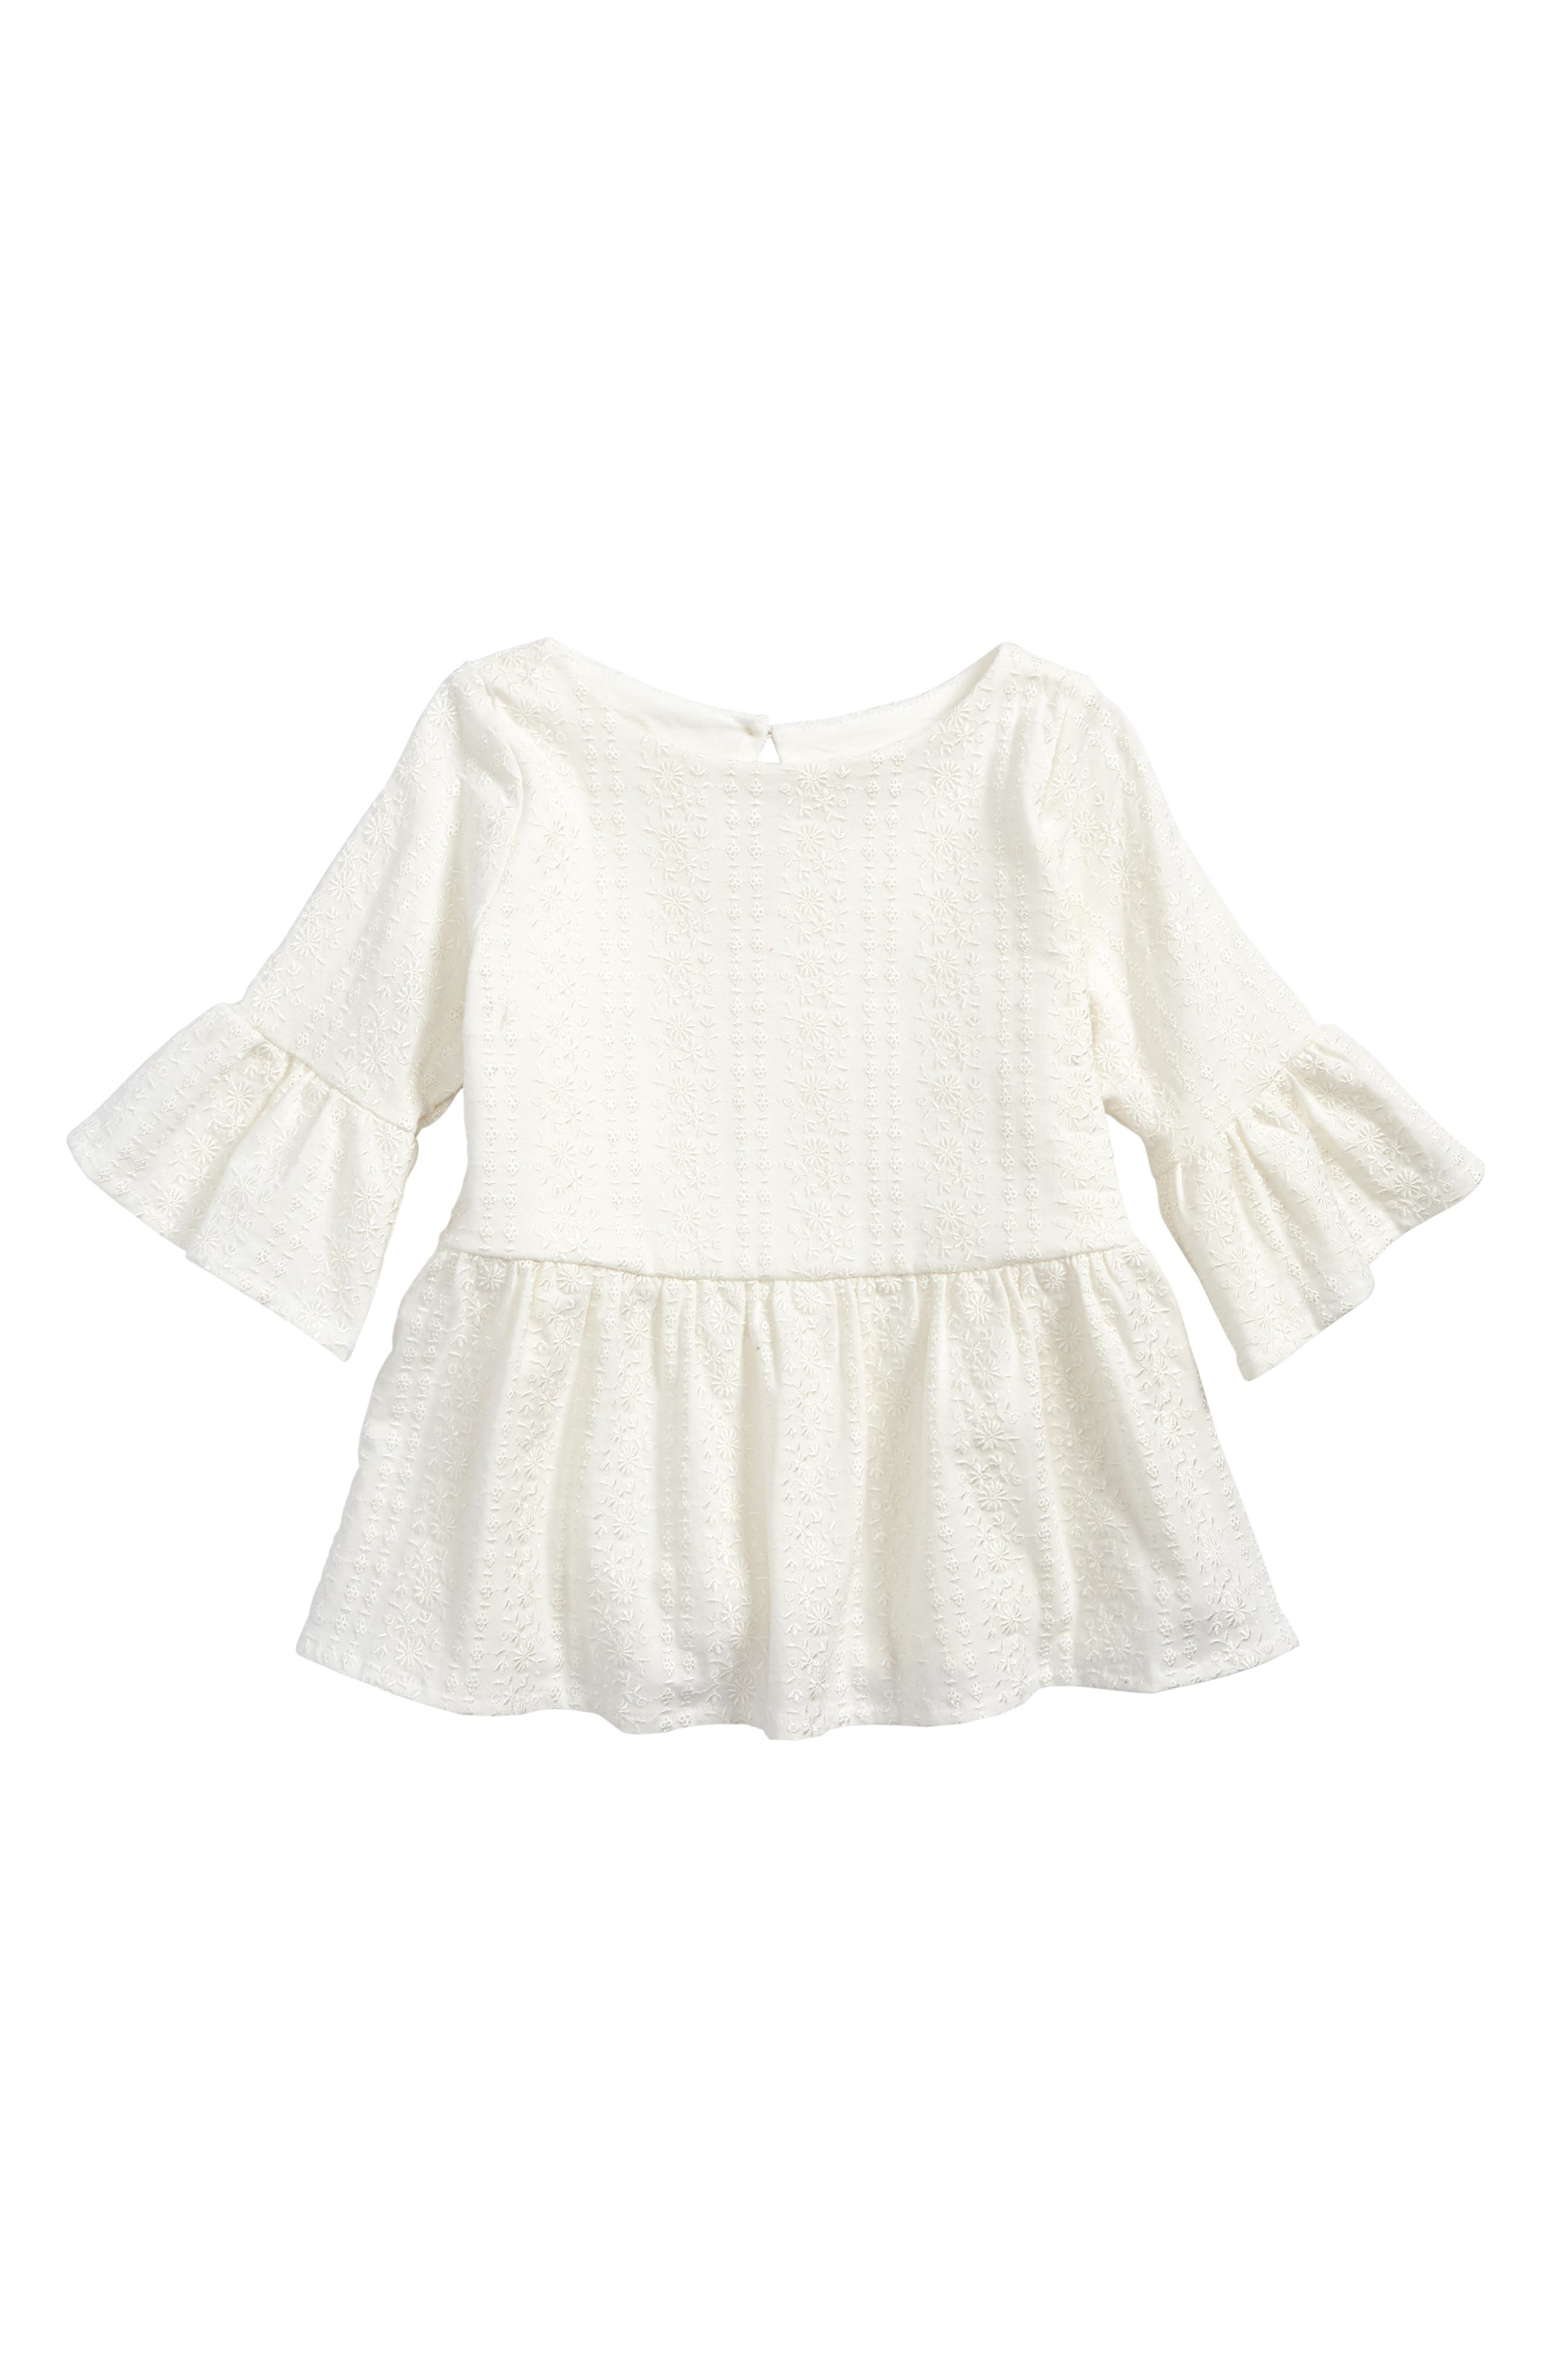 Lil Lemons by For Love & Lemons Embroidered Jersey Blouse (Toddler Girls & Little Girls)